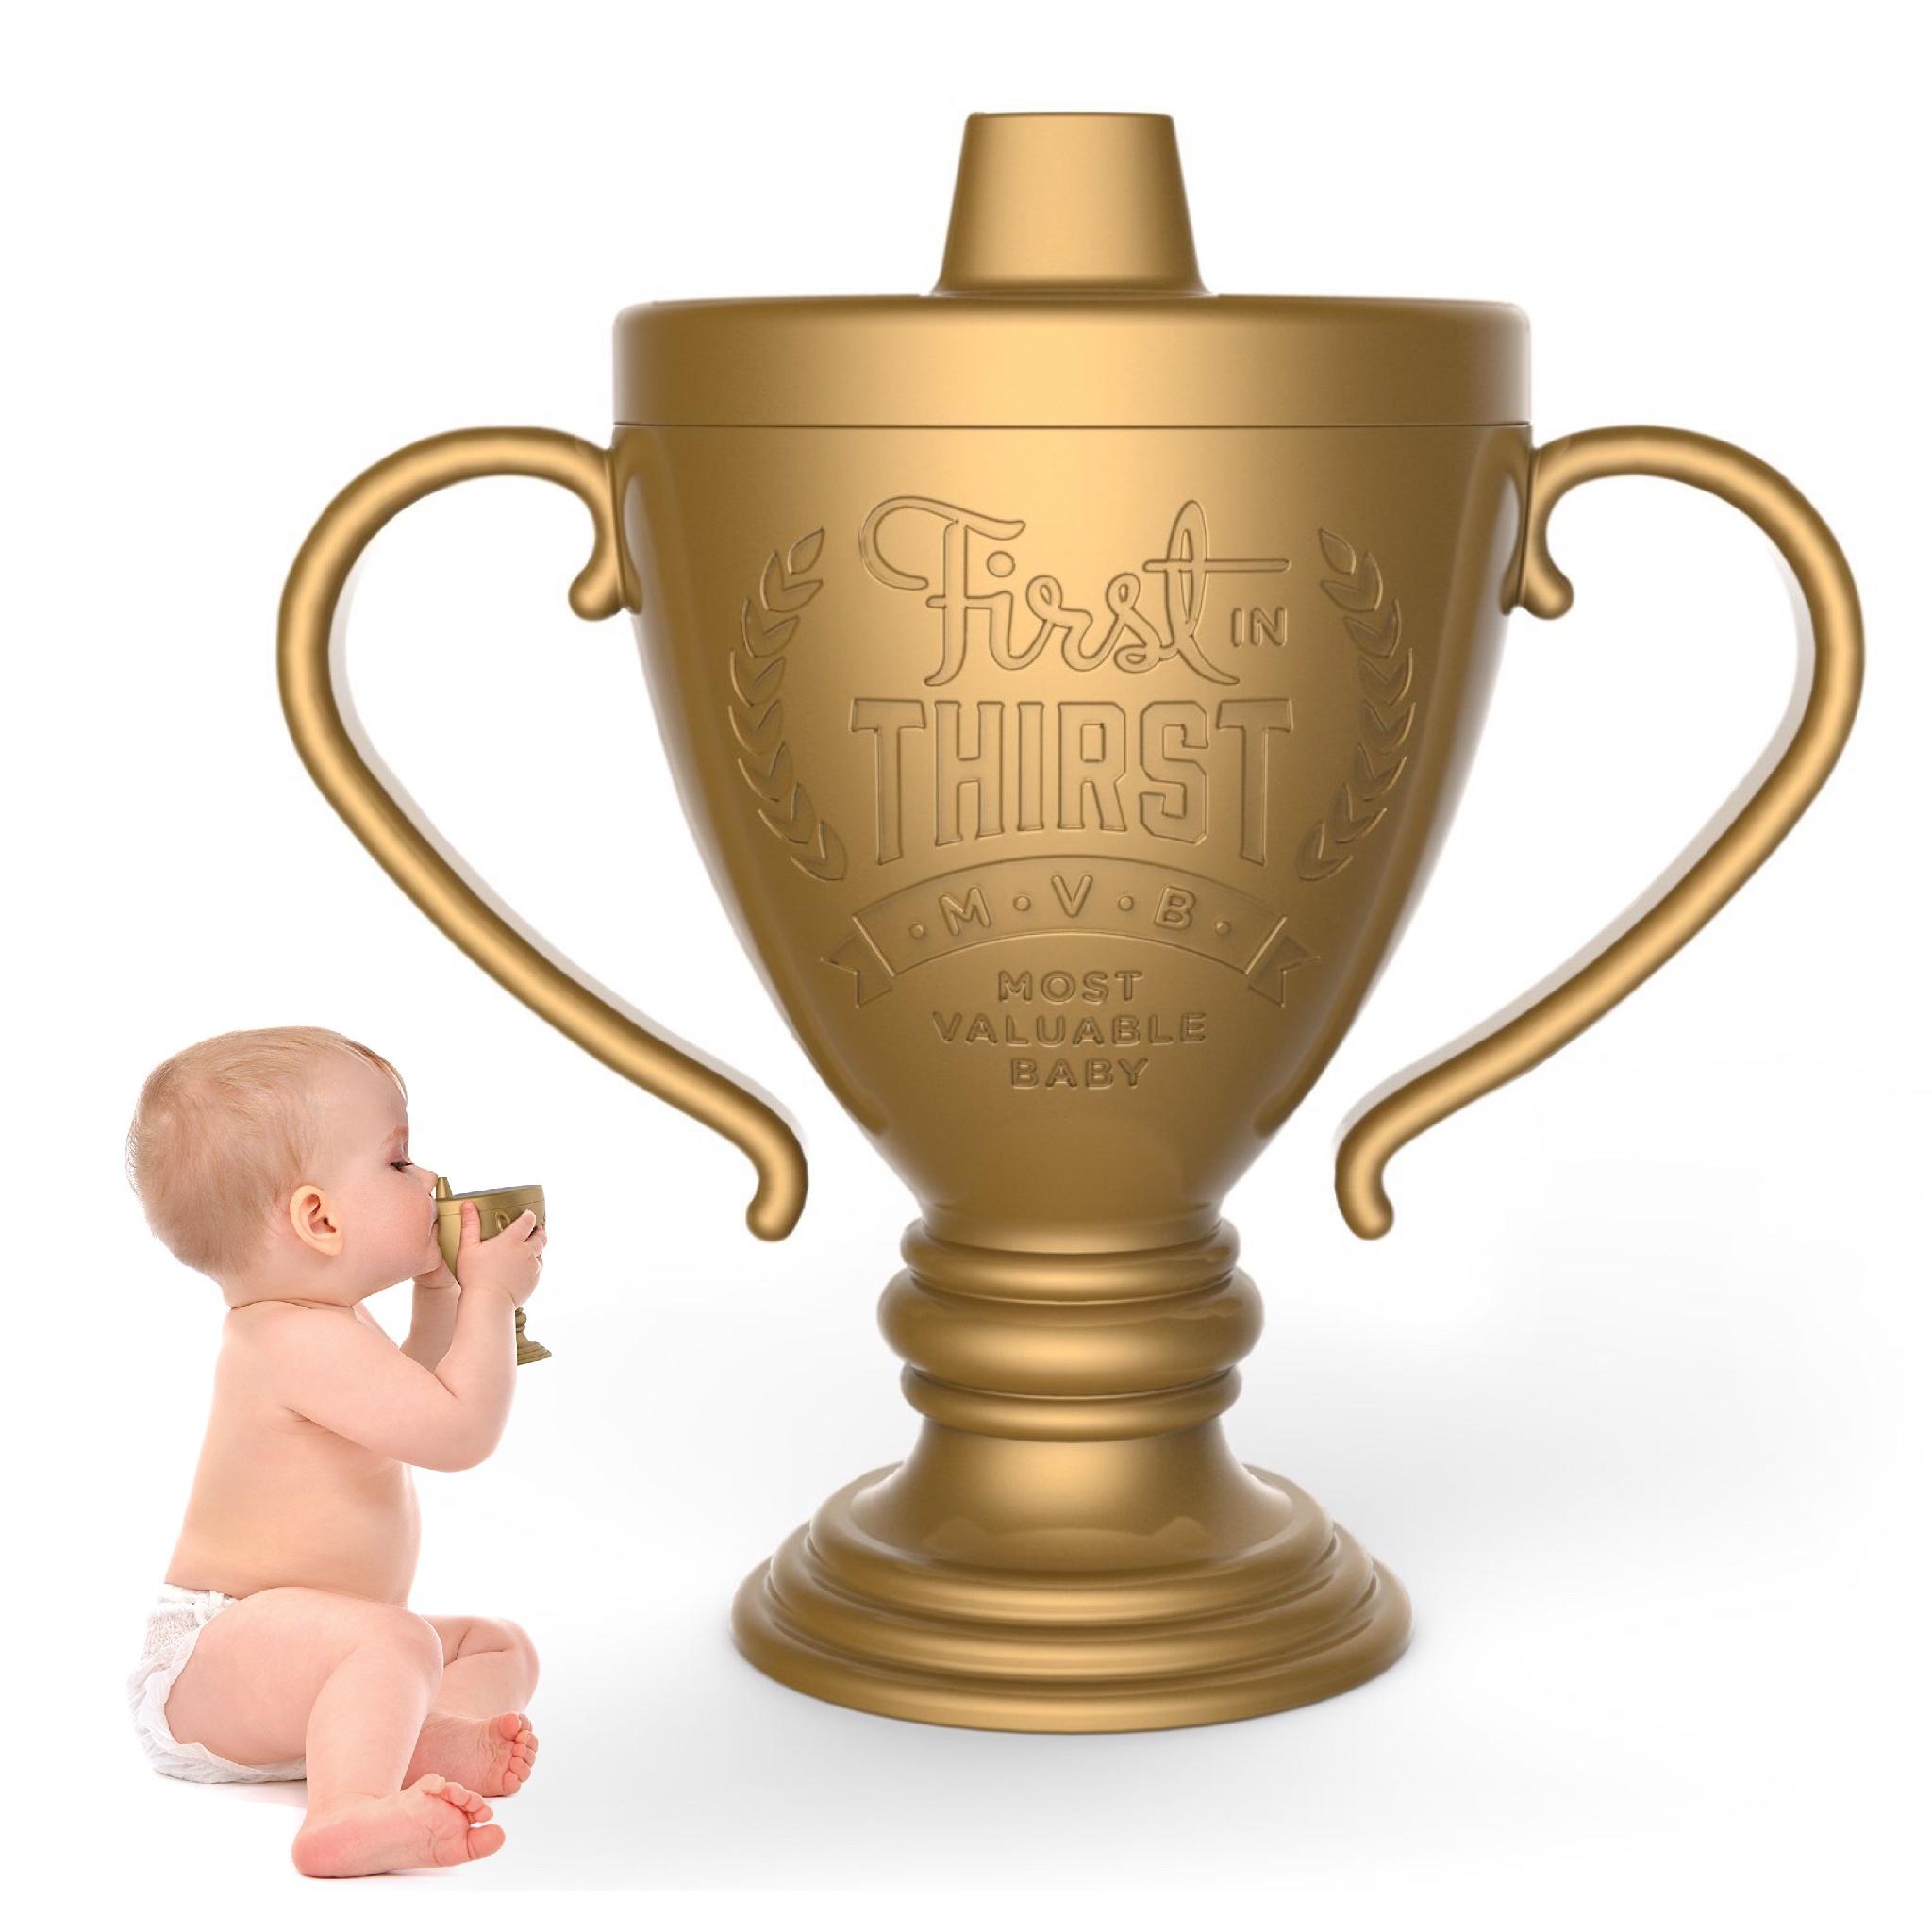 แก้วหัดดื่มสุดฮา Fred LIL' WINNER Trophy Sippy Cup